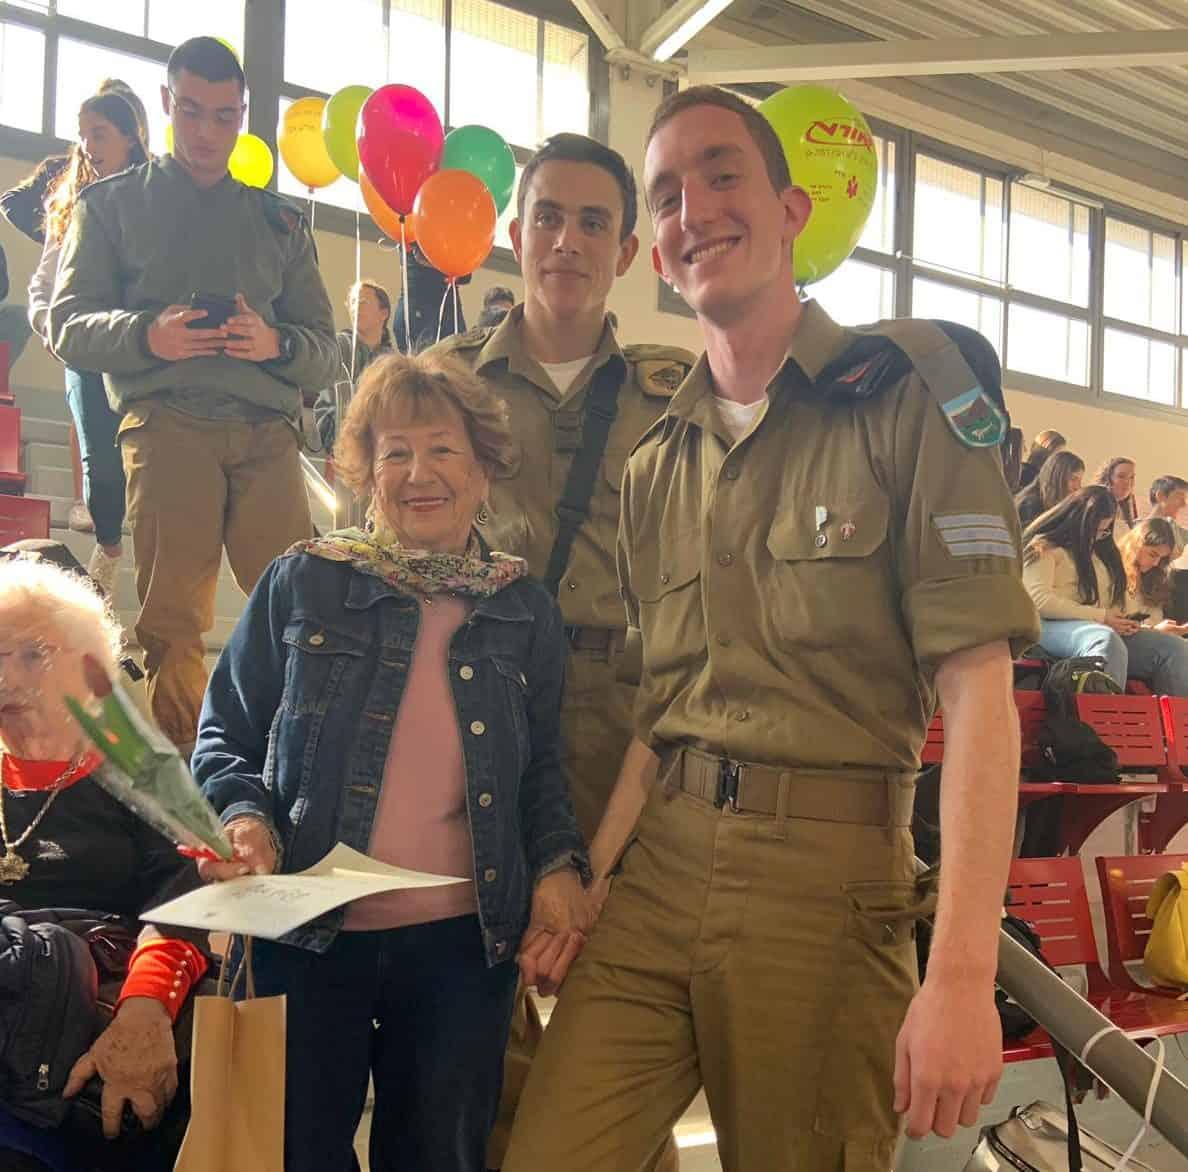 אירוע חנוכה לשורדי השואה בגבעתיים